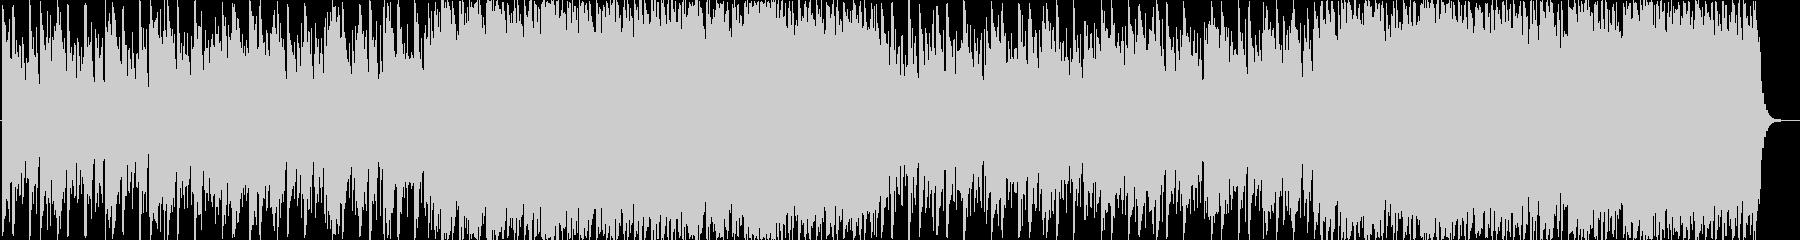 リズミカルビートとピアノのインストの未再生の波形